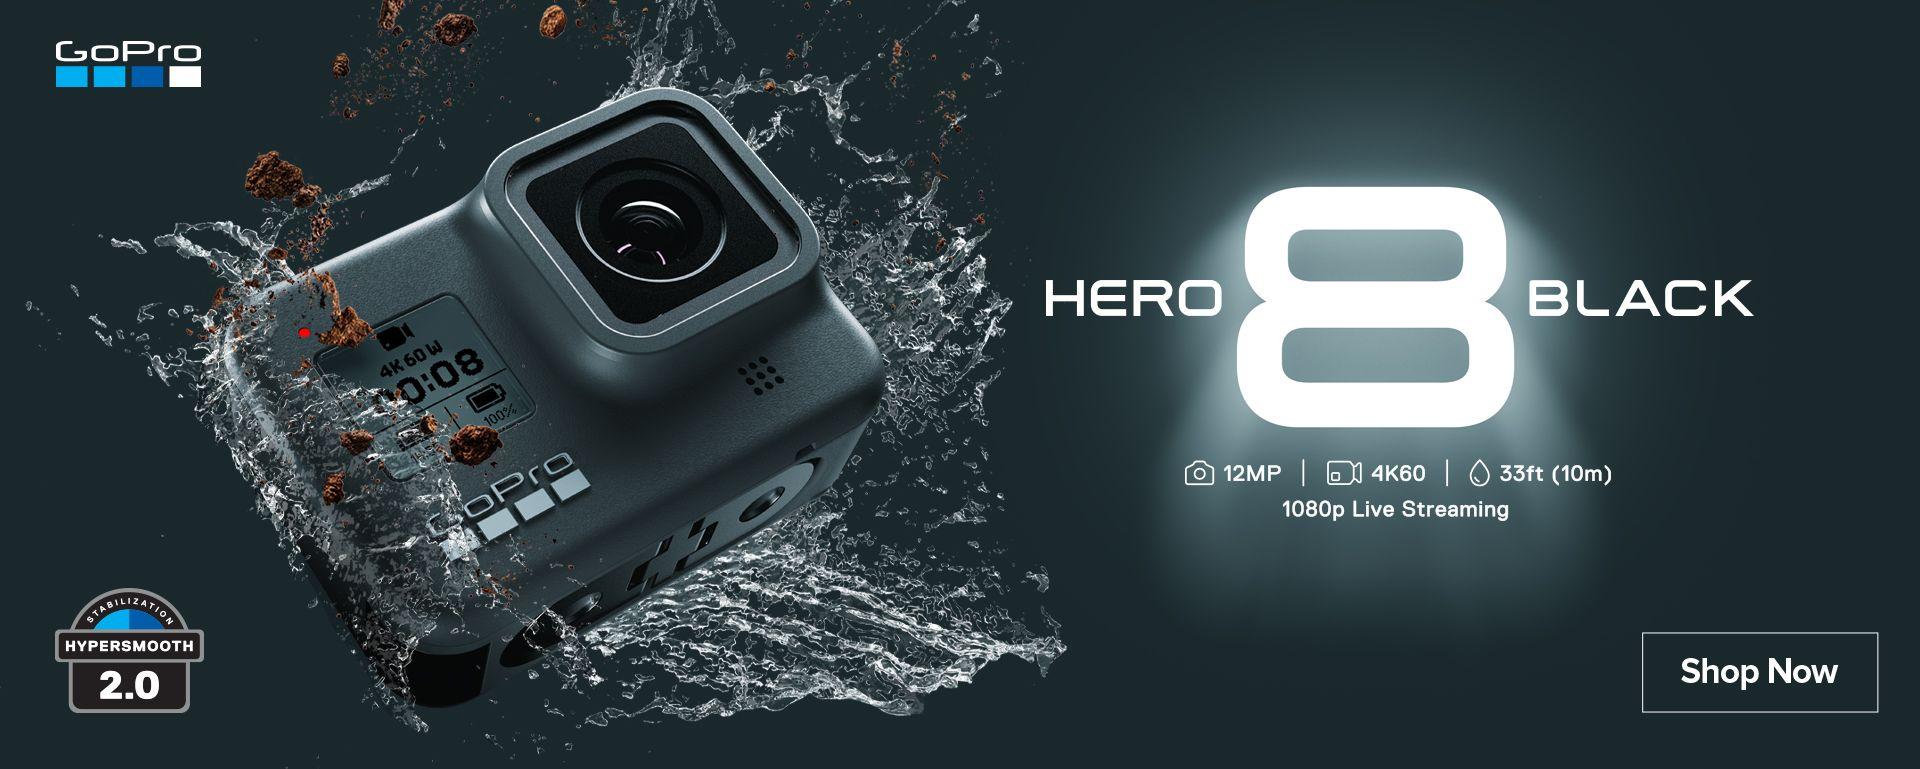 Koop de GoPro HERO8 Black op gopro.com